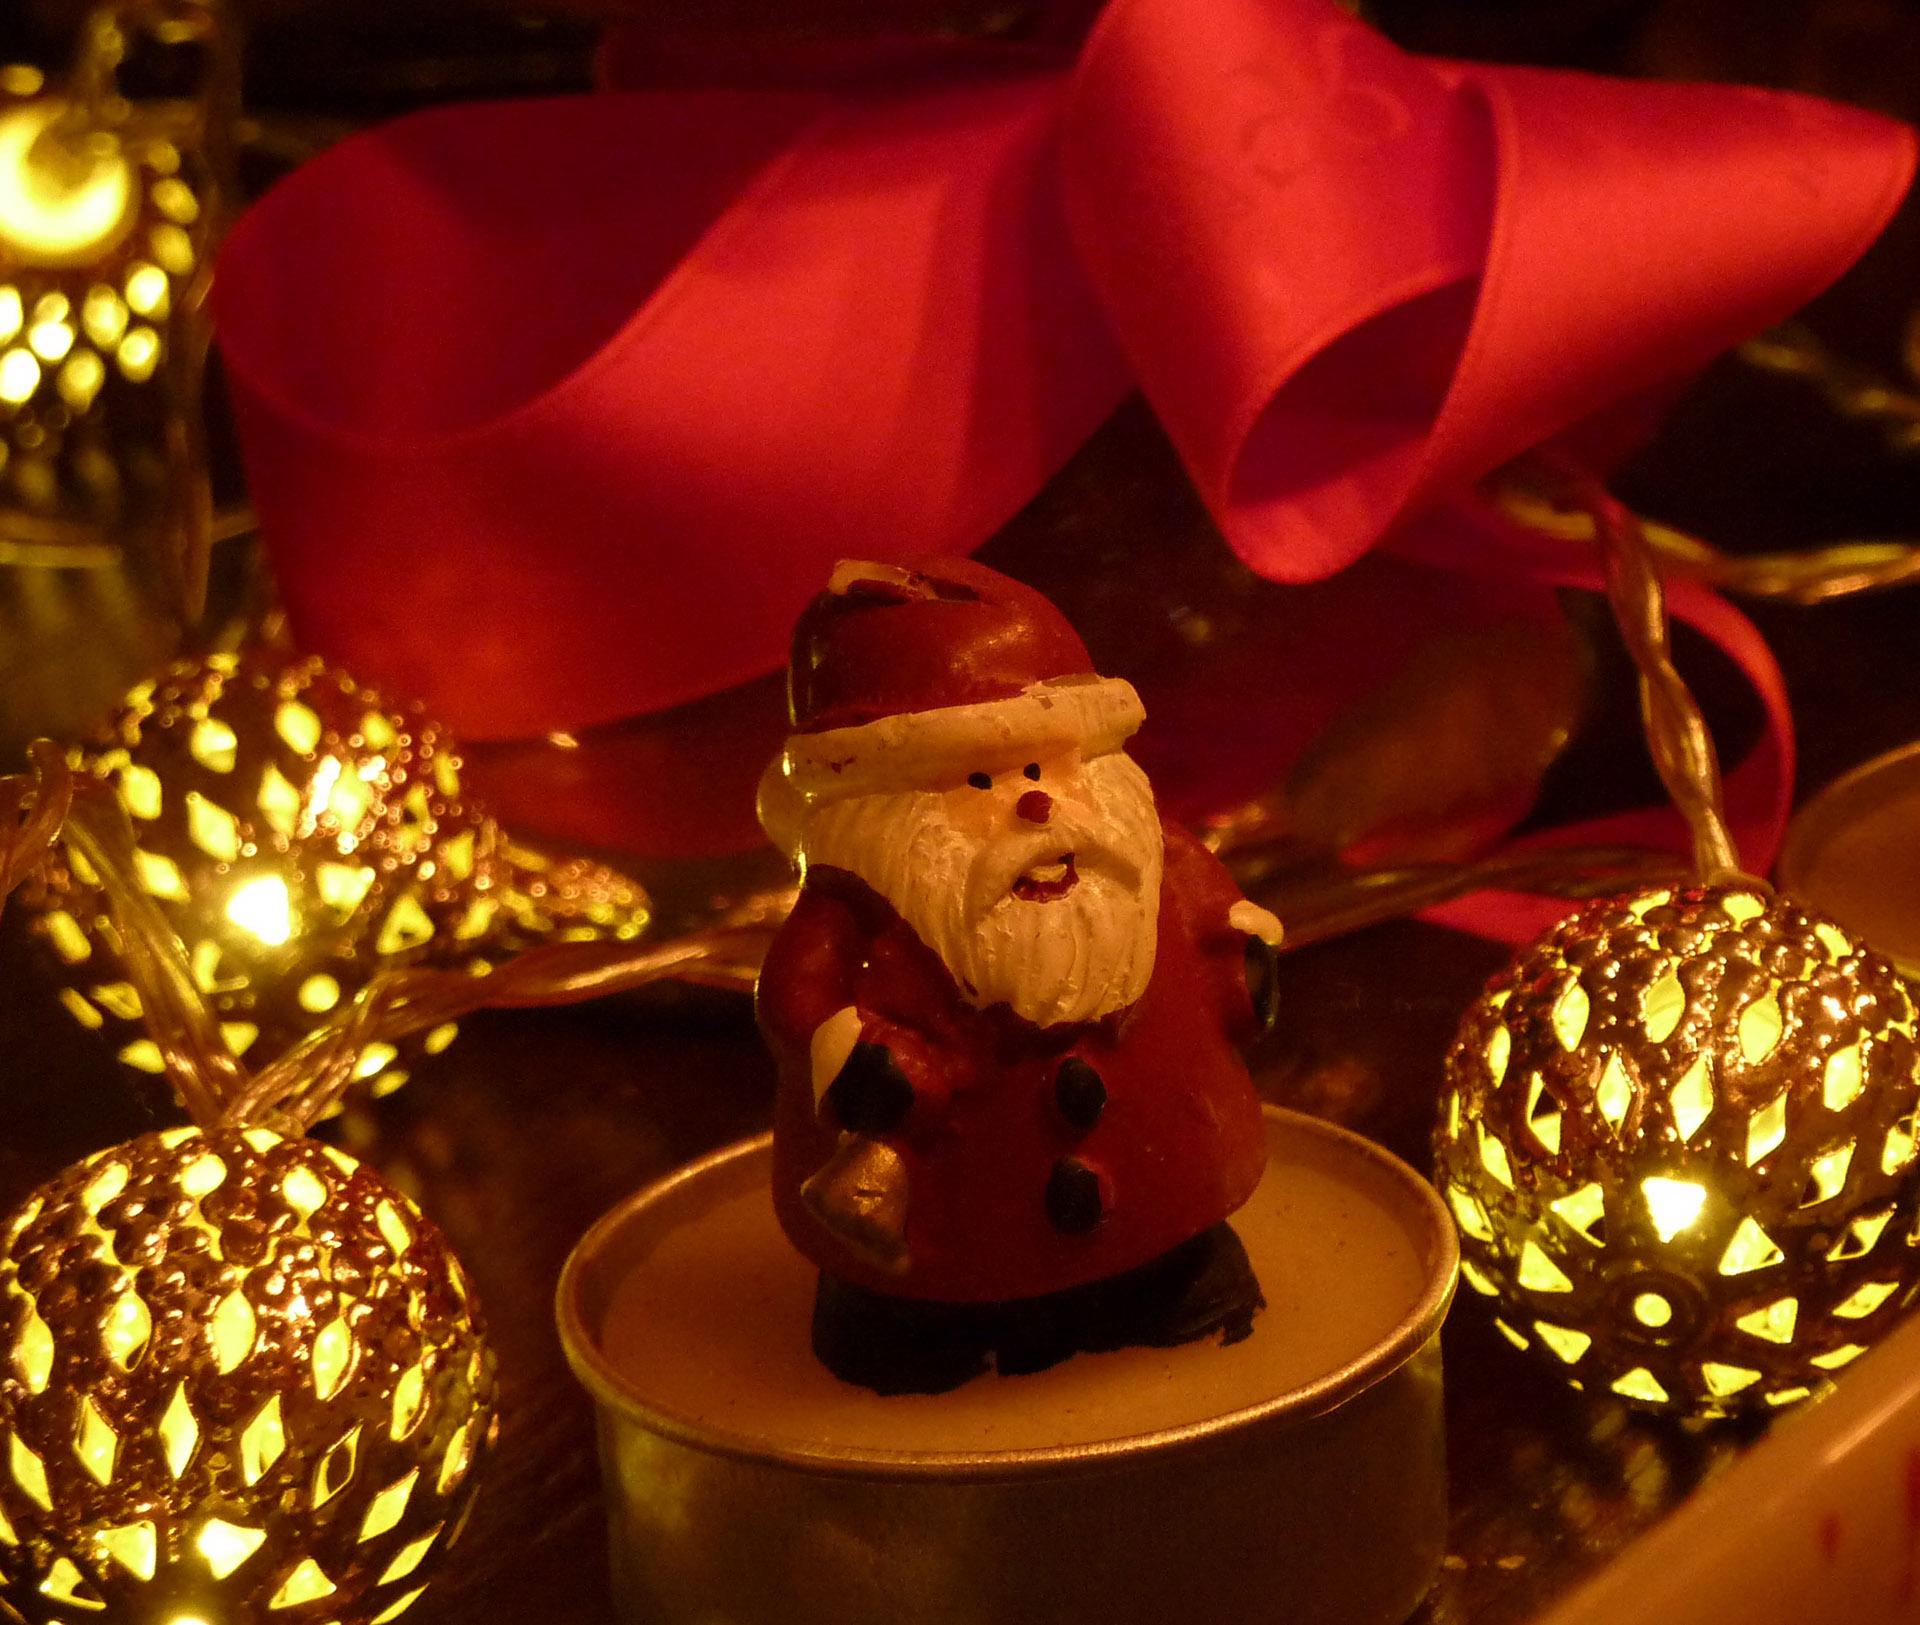 Weihnachtsgeschenke Keine Idee.Noch Keine Idee Für Weihnachtsgeschenke Bürgerhalle Herongen